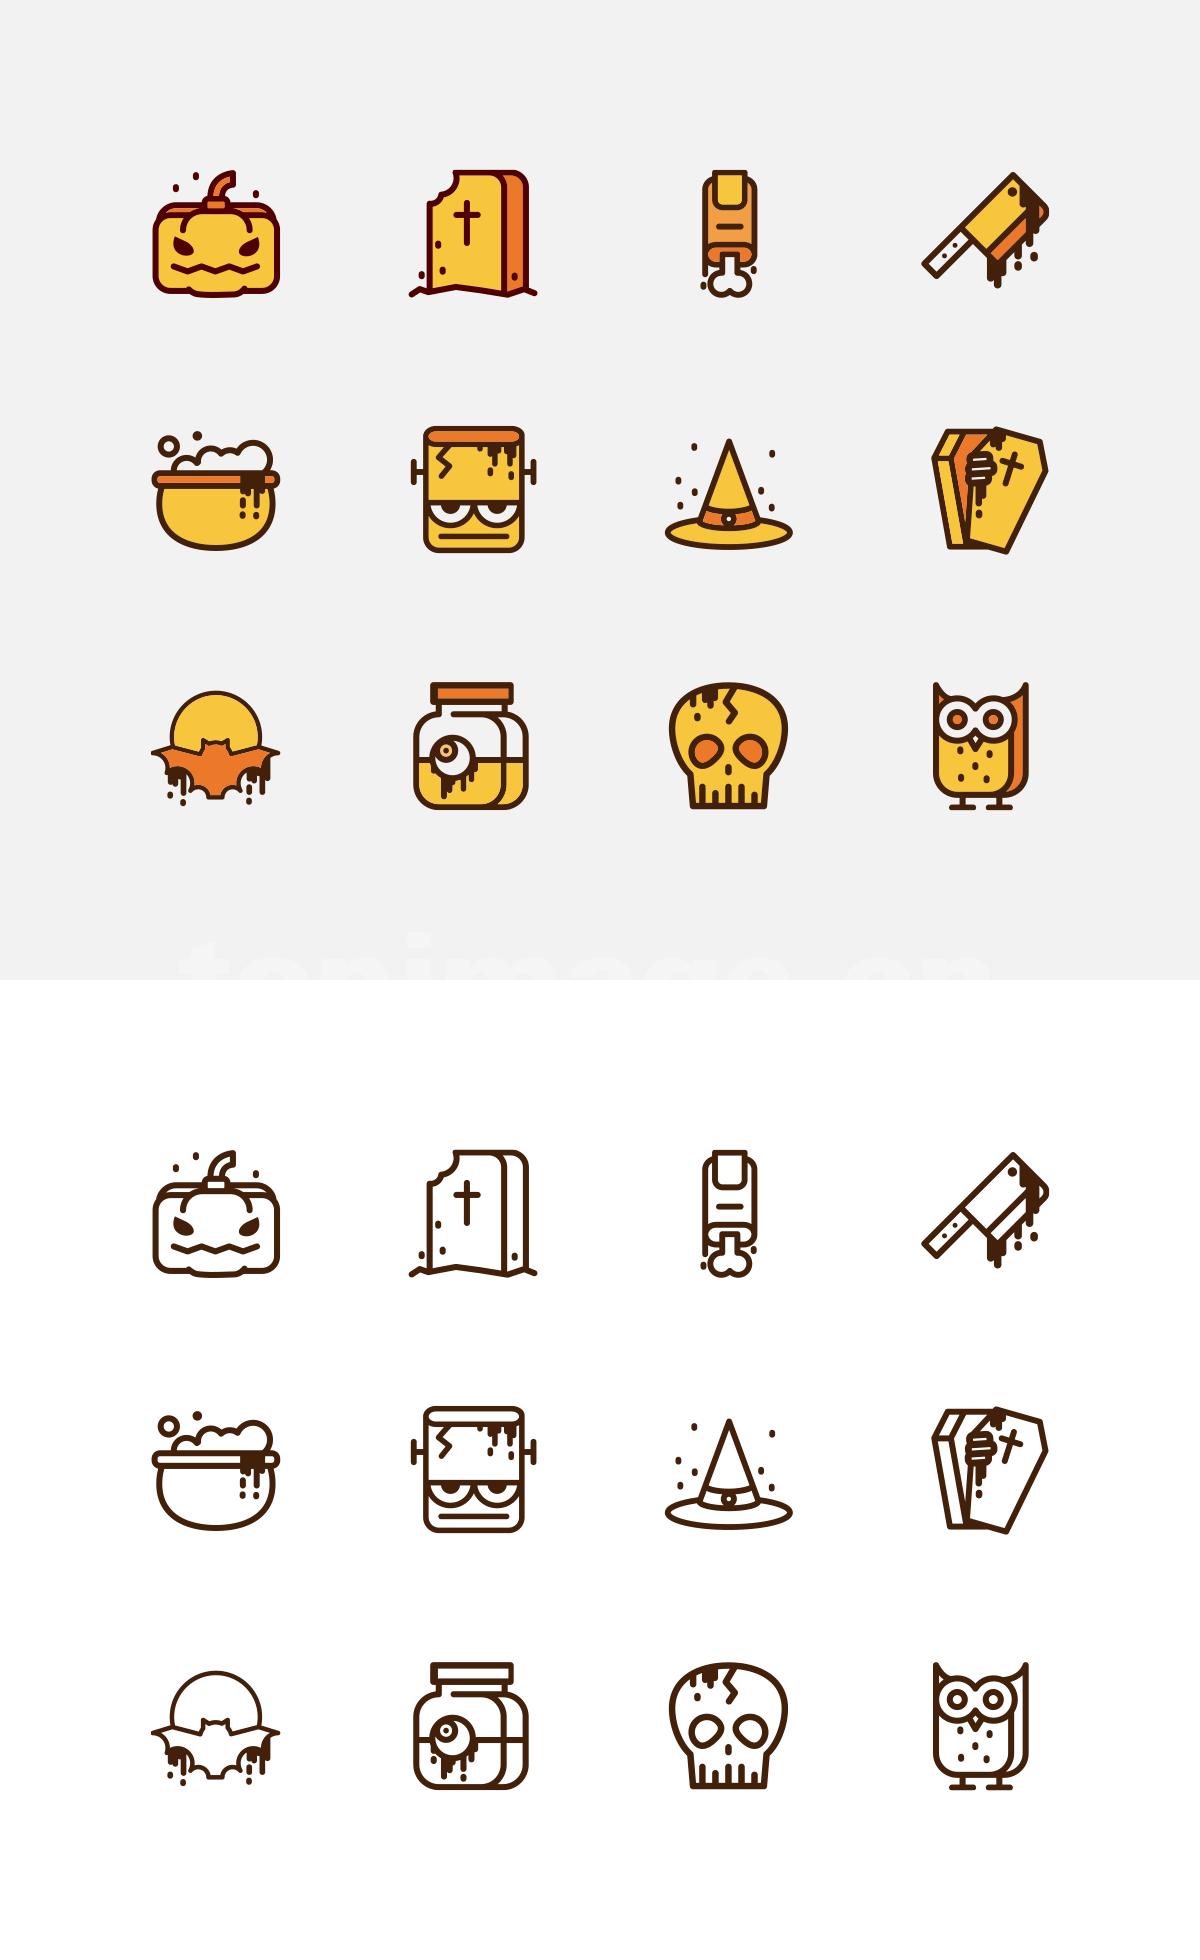 万圣节 南瓜 骷髅 猫头鹰 蝙蝠 魔法帽 菜刀图标icon源文件下载